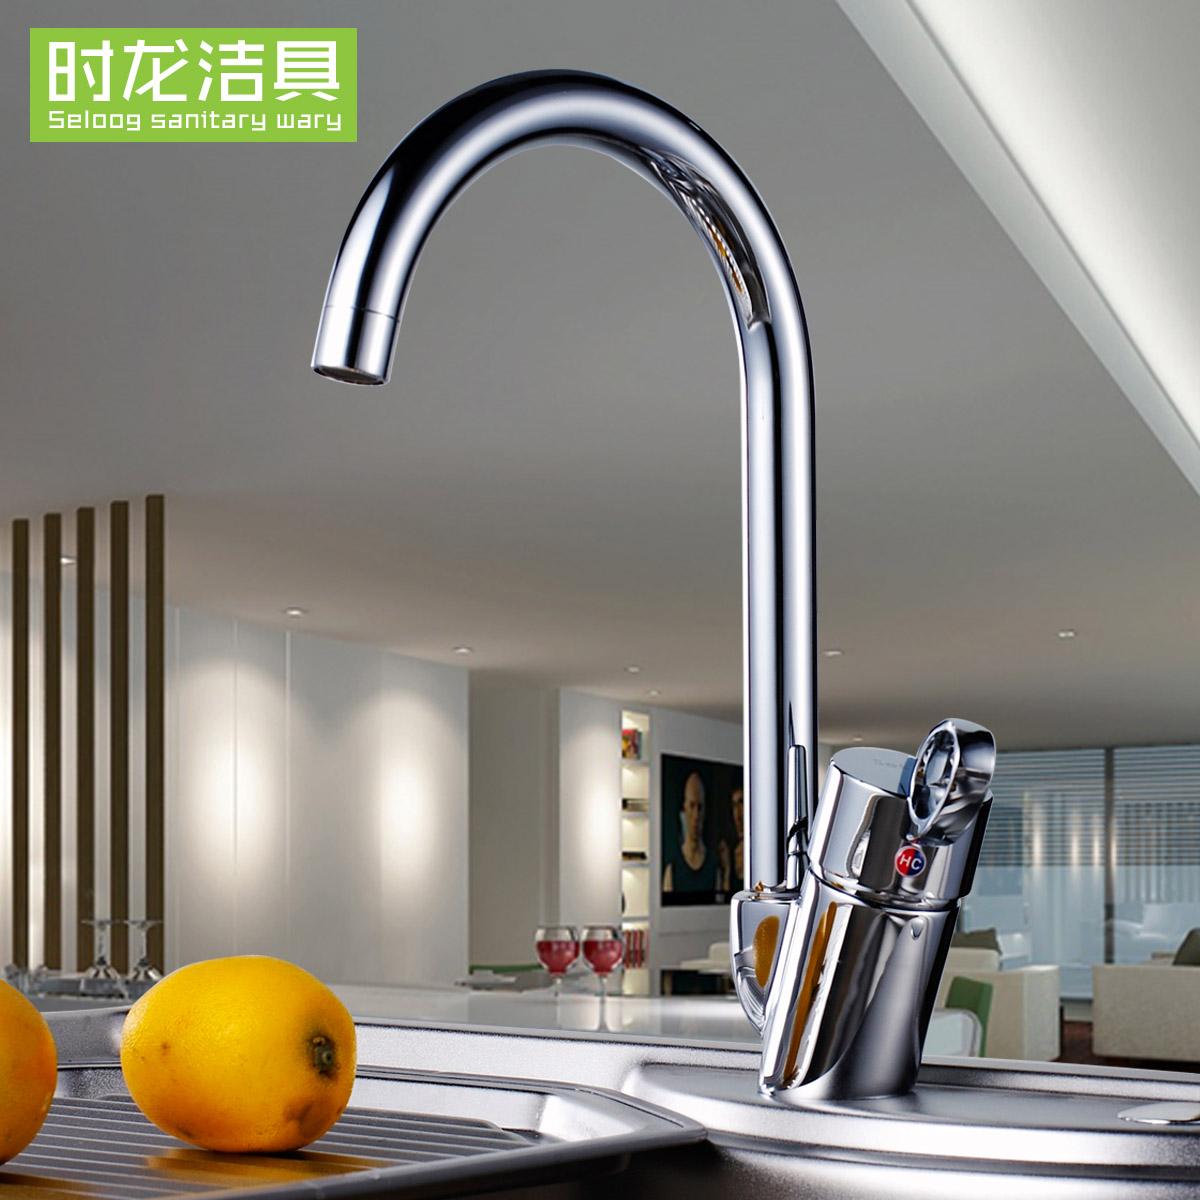 时龙卫浴冷热混水洗菜盆水龙头S110013-101